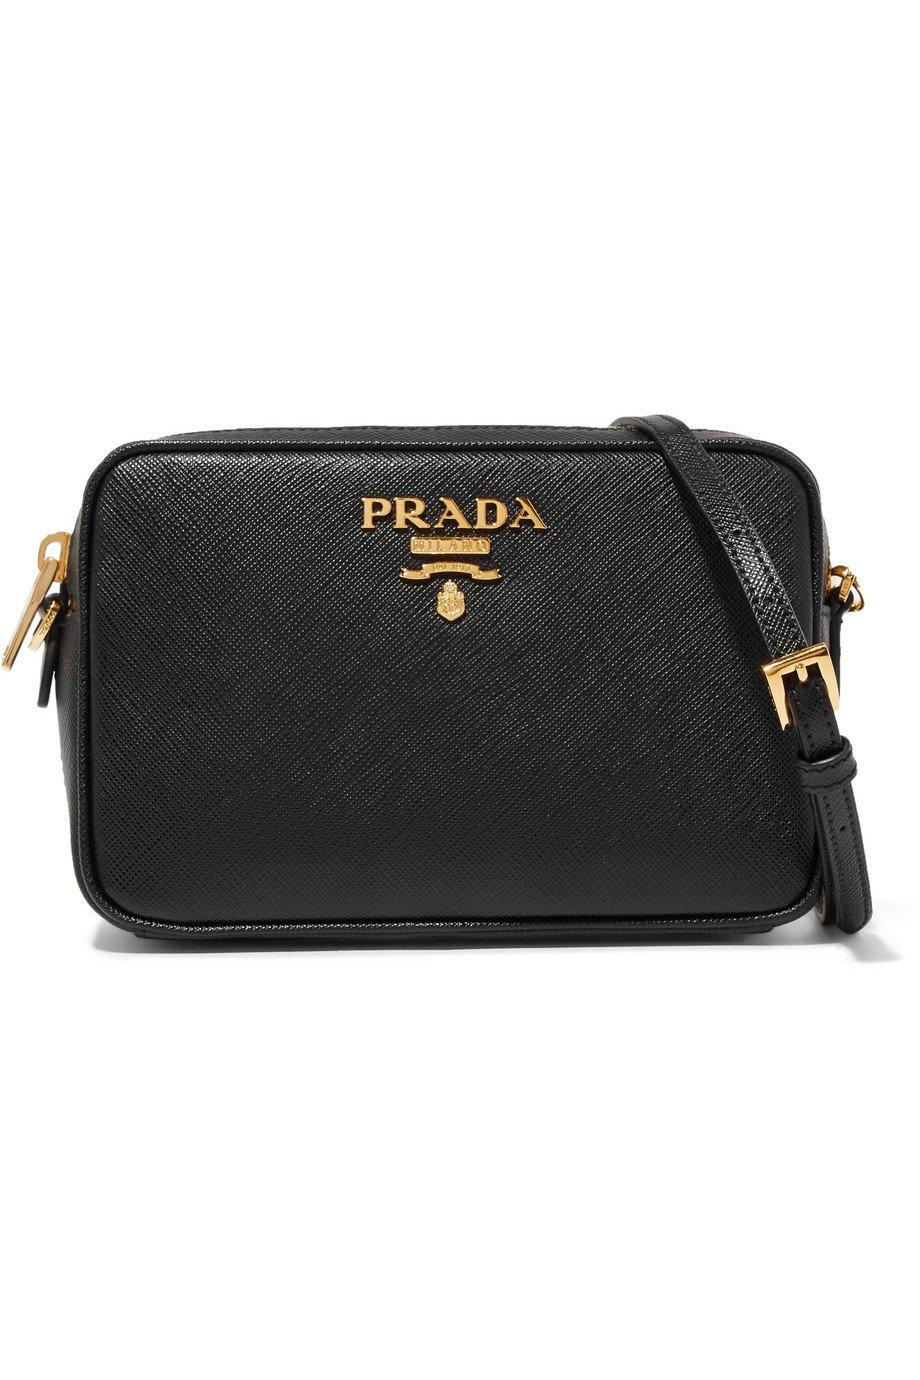 Prada | Textured-leather shoulder bag | NET-A-PORTER.COM